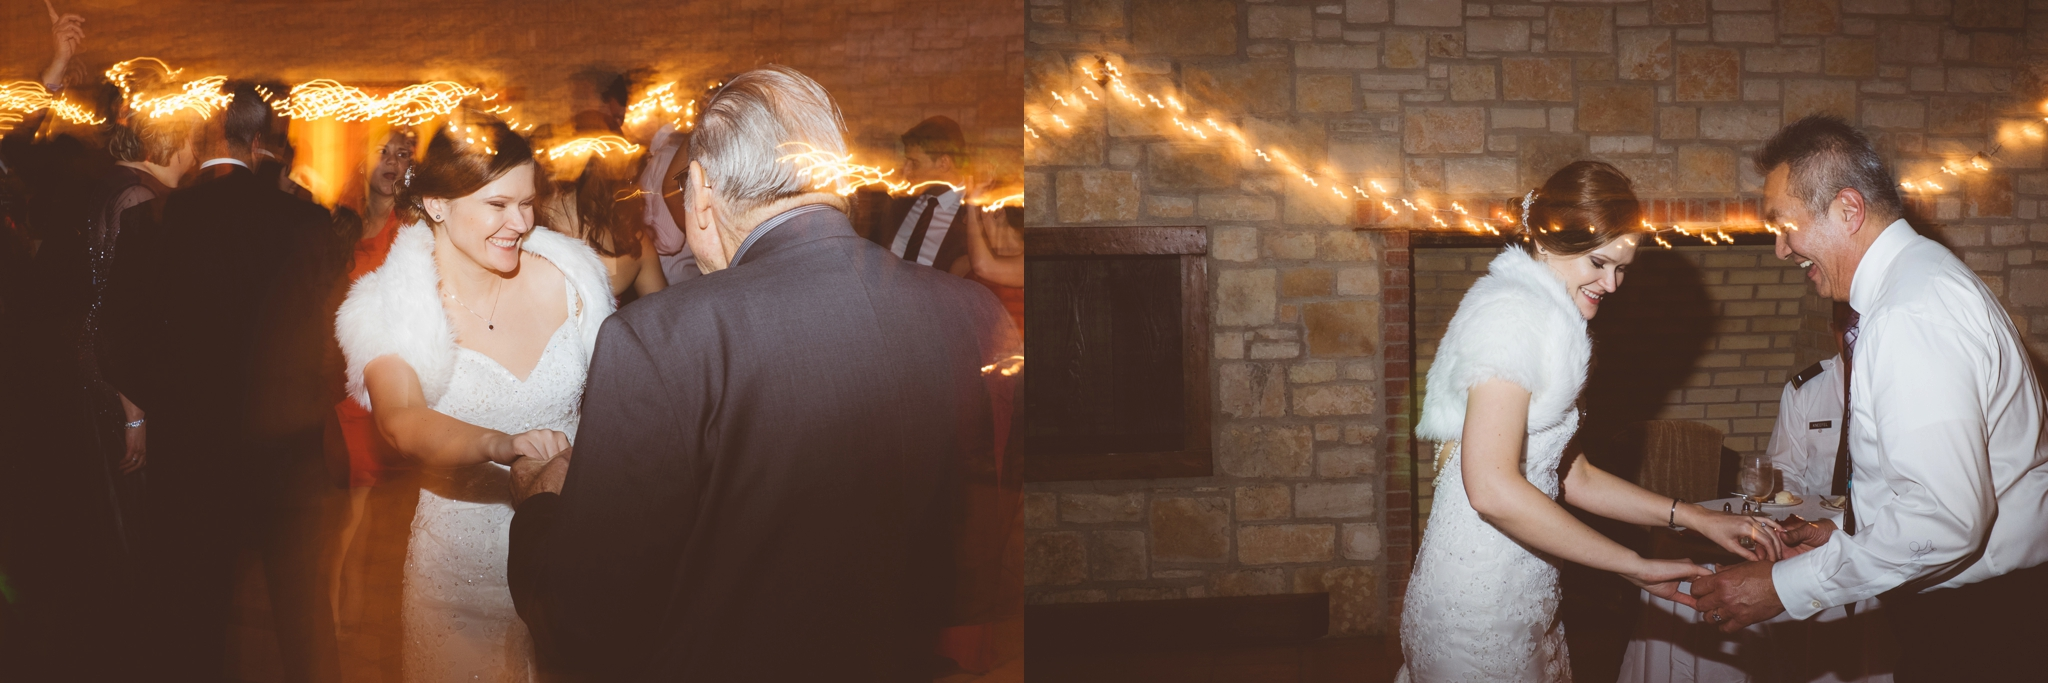 Salt-Lick-Austin-Wedding-Photographer-074.jpg